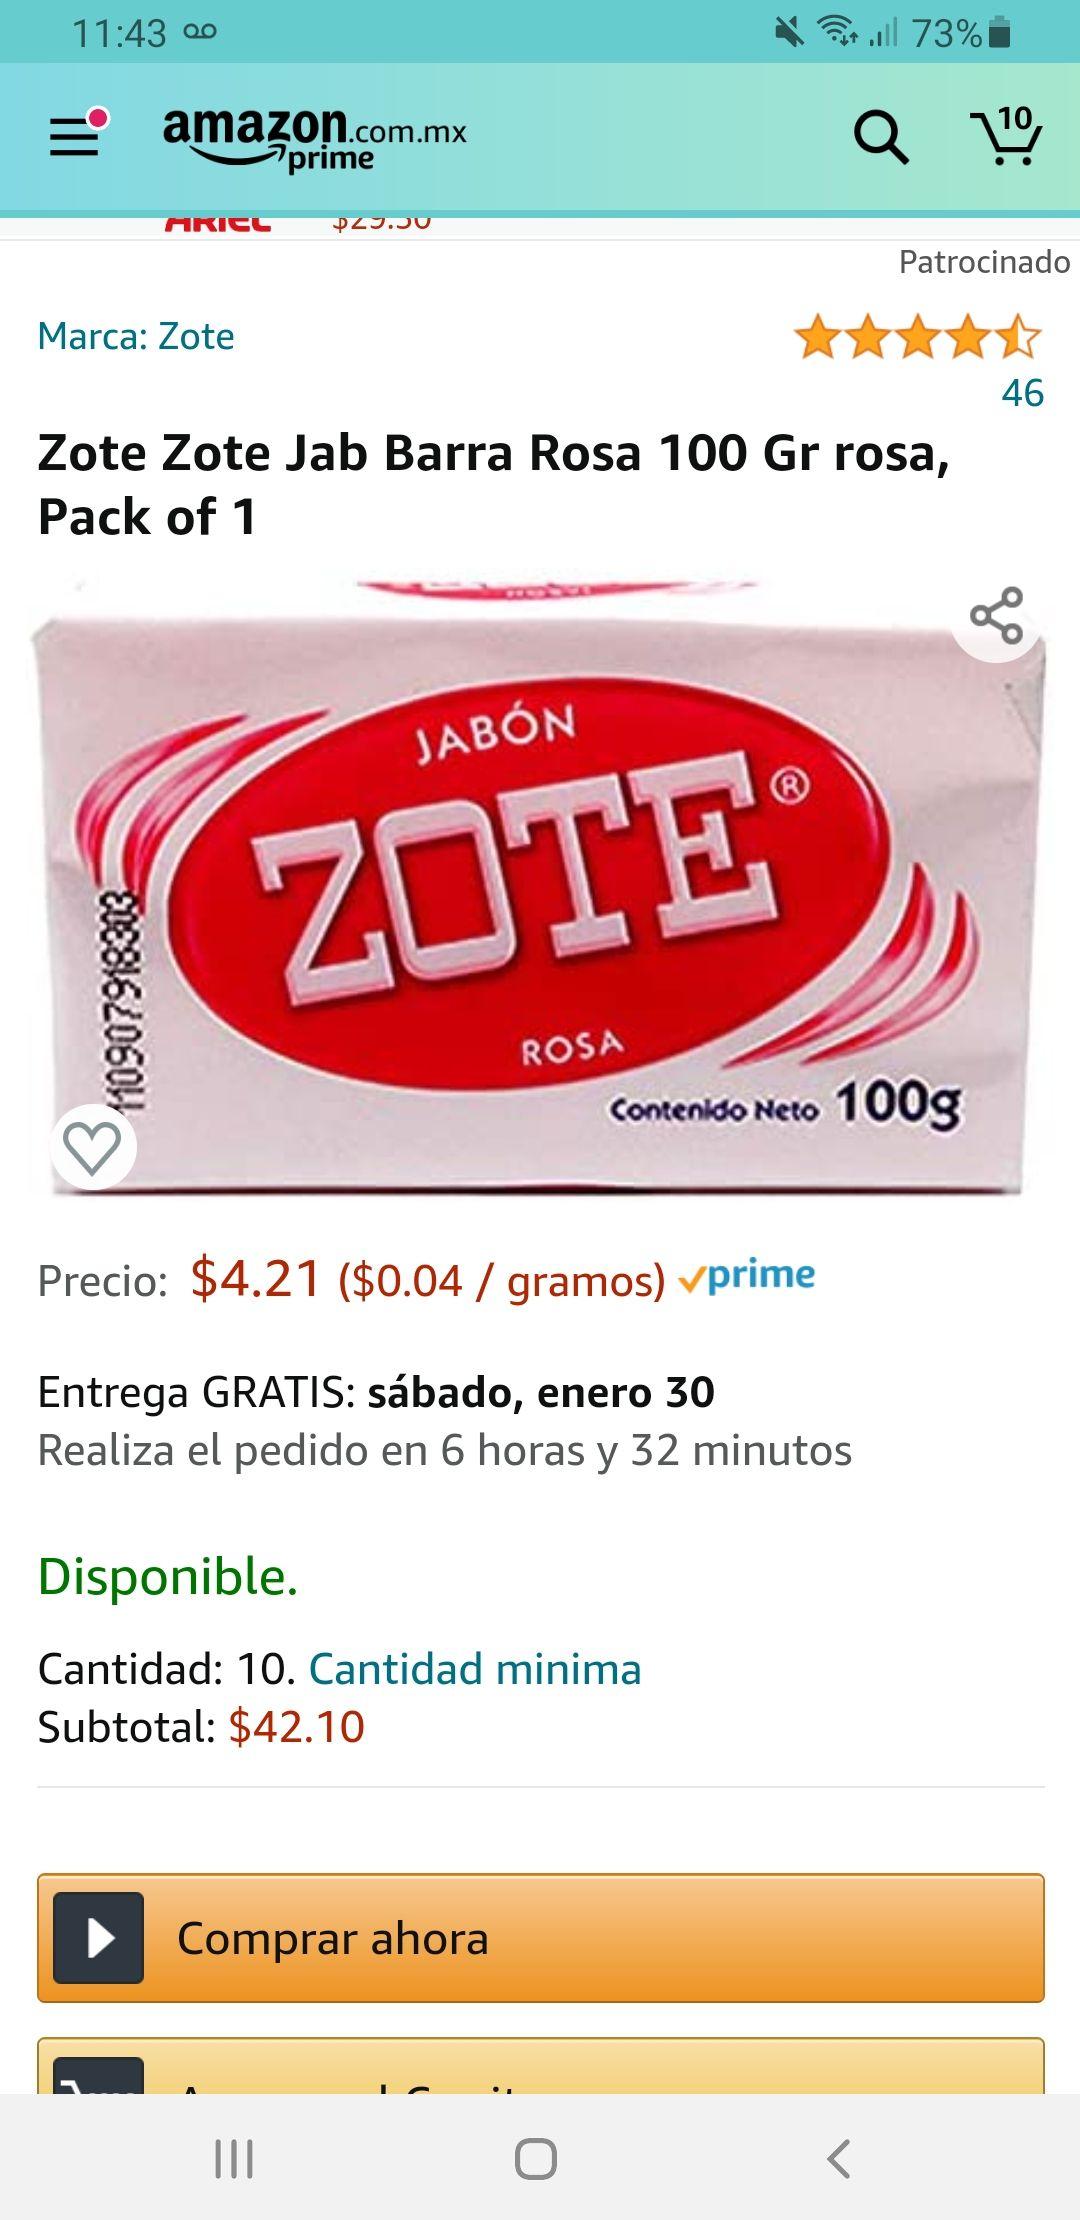 Amazon: 10 Jabones zote Rosa 100g